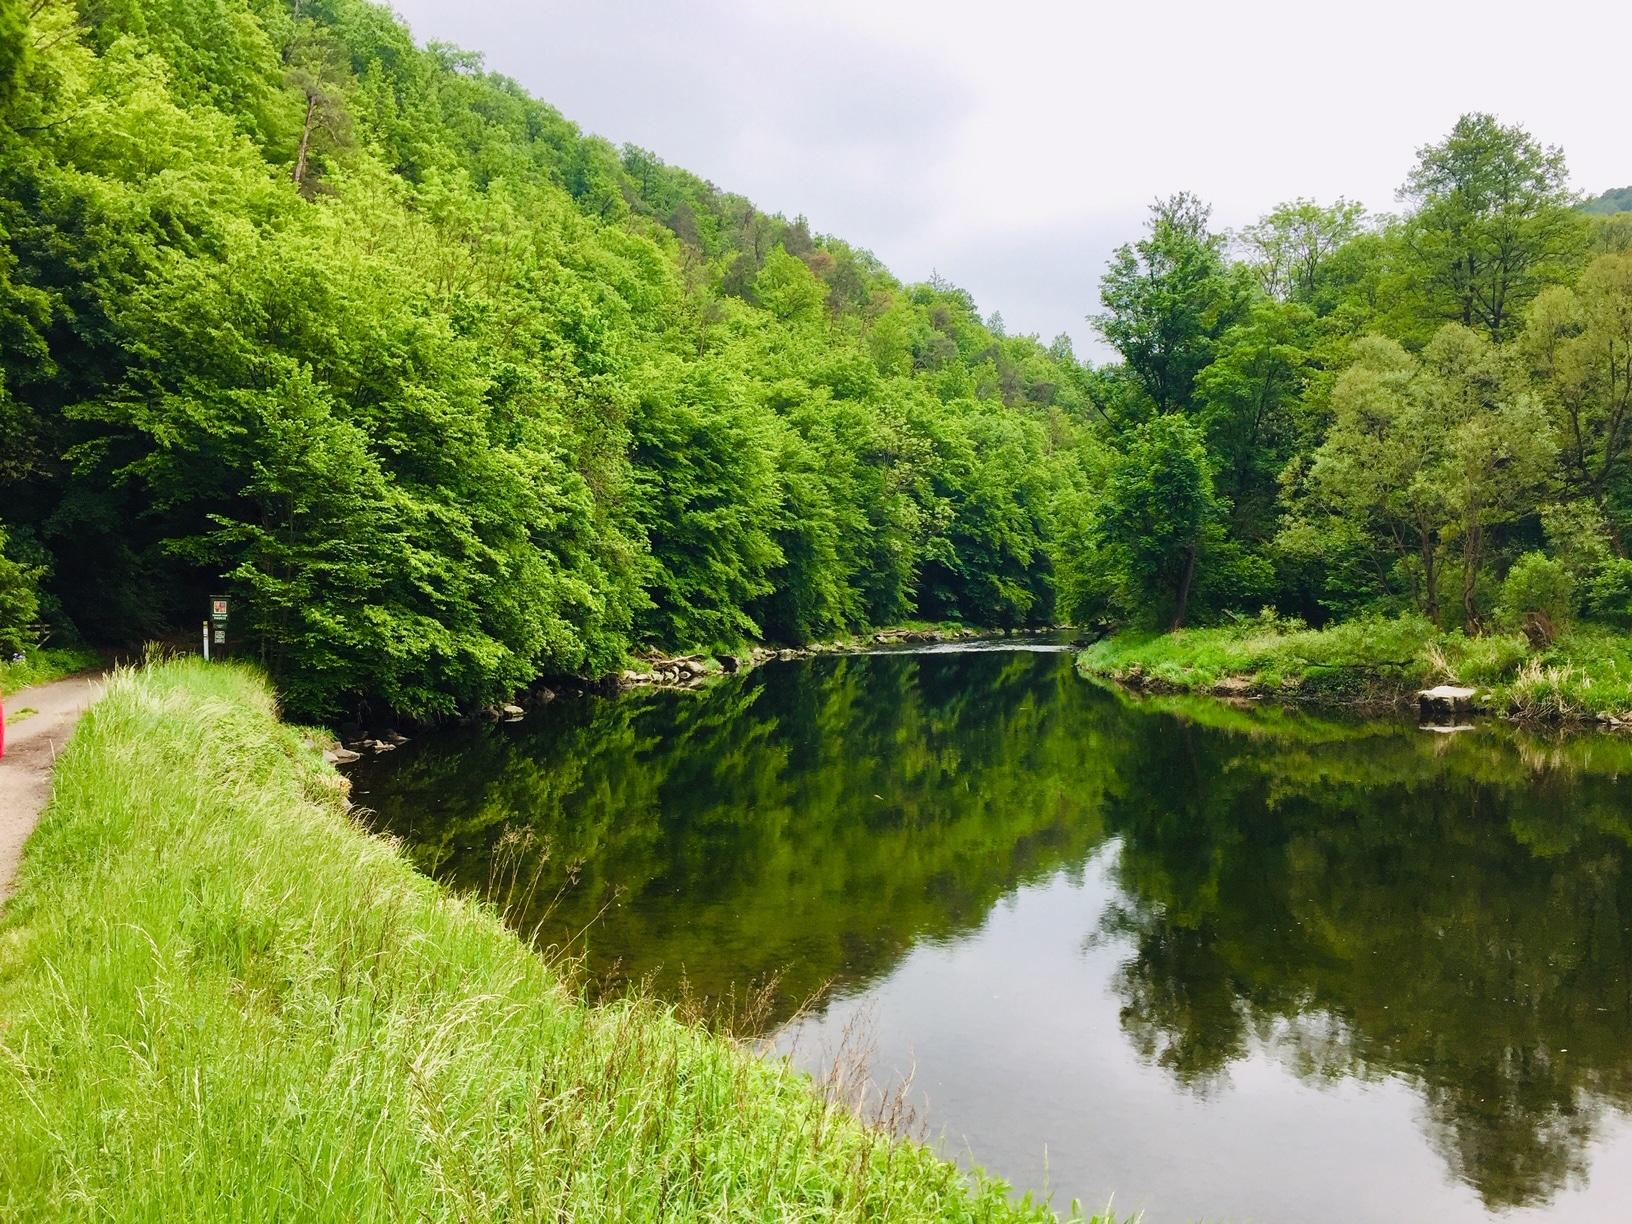 Parque nacional Podyji, República Checa